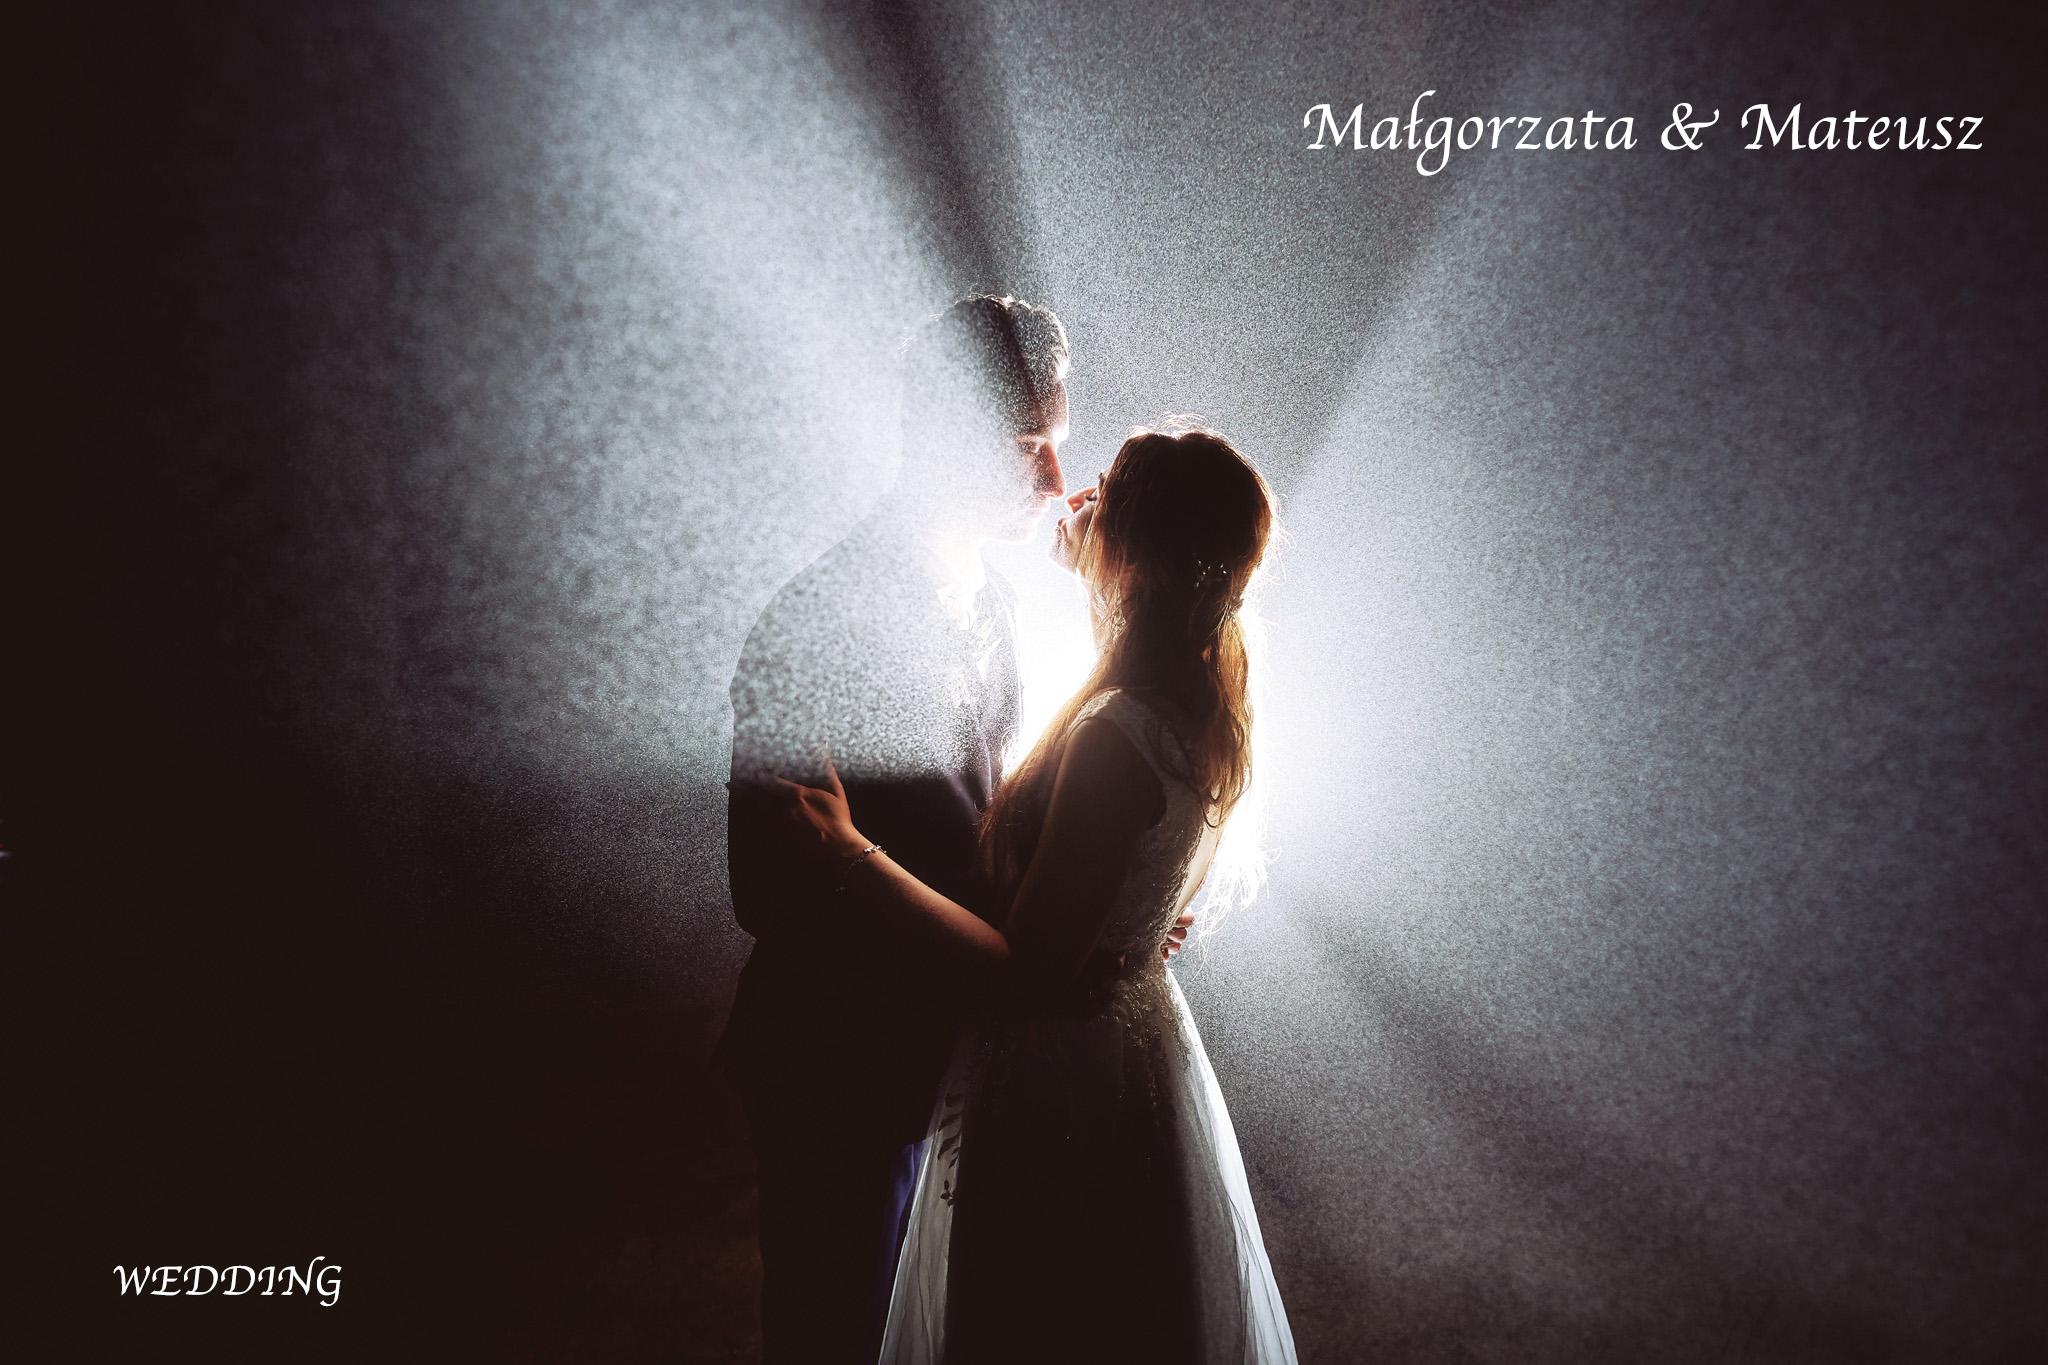 Małgorzata & Mateusz |ślub na podlasiu | Eternite